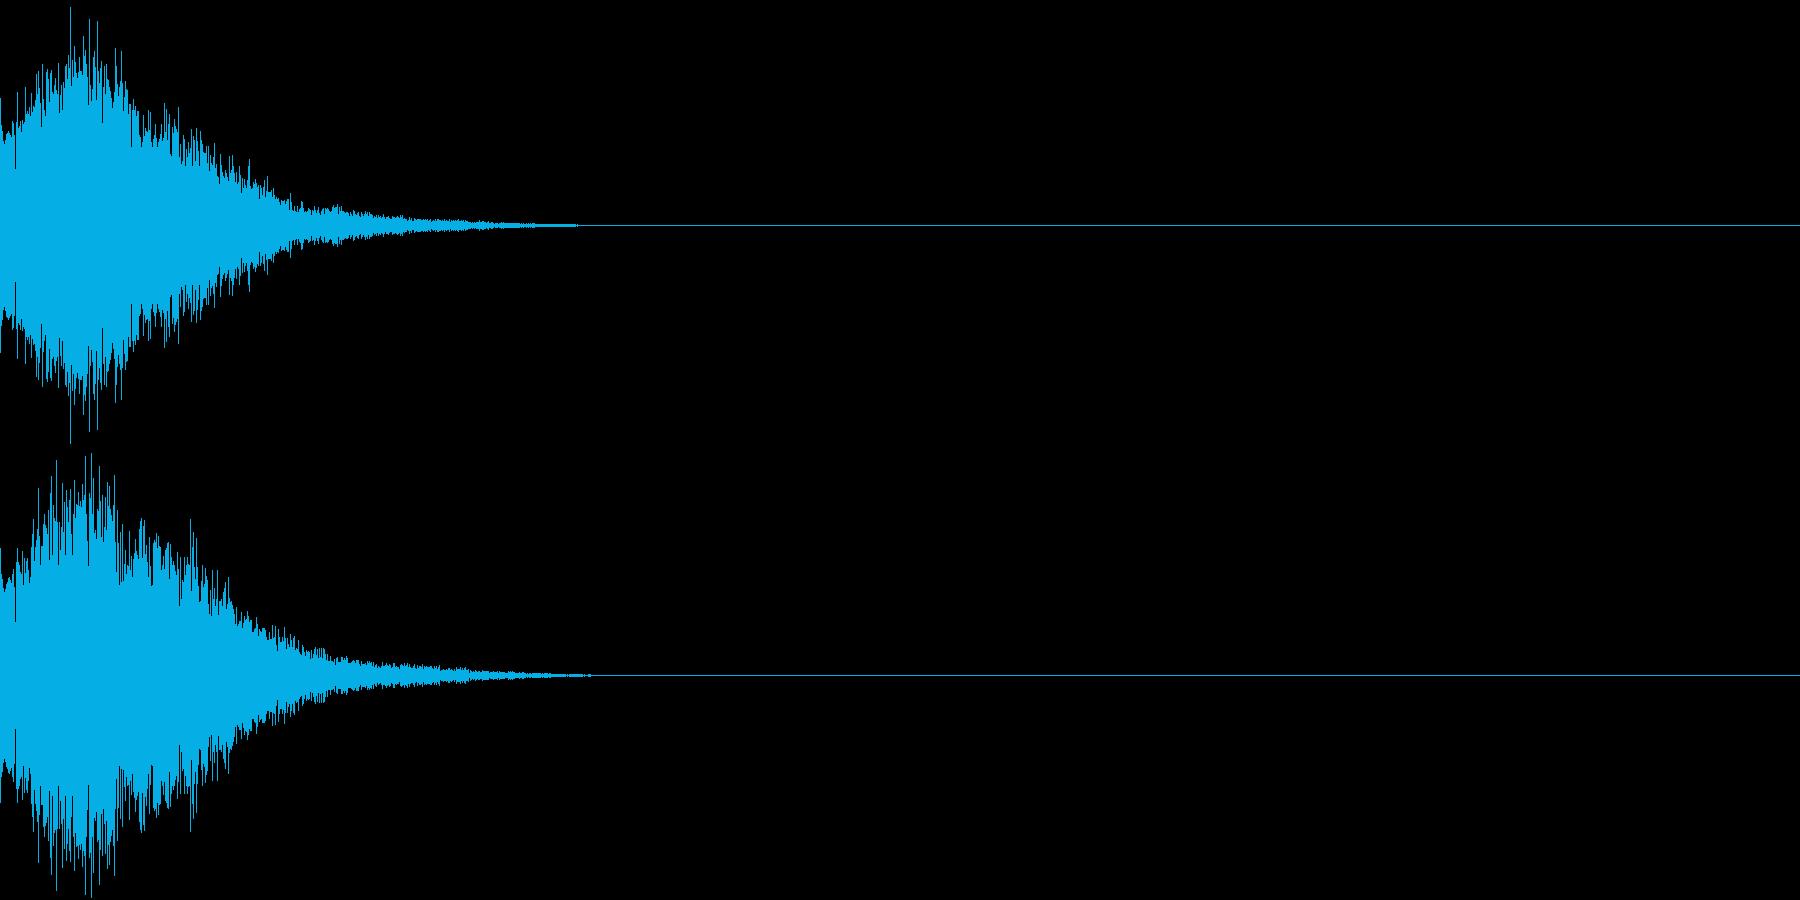 刀 剣 カキーン シャキーン 目立つ15の再生済みの波形